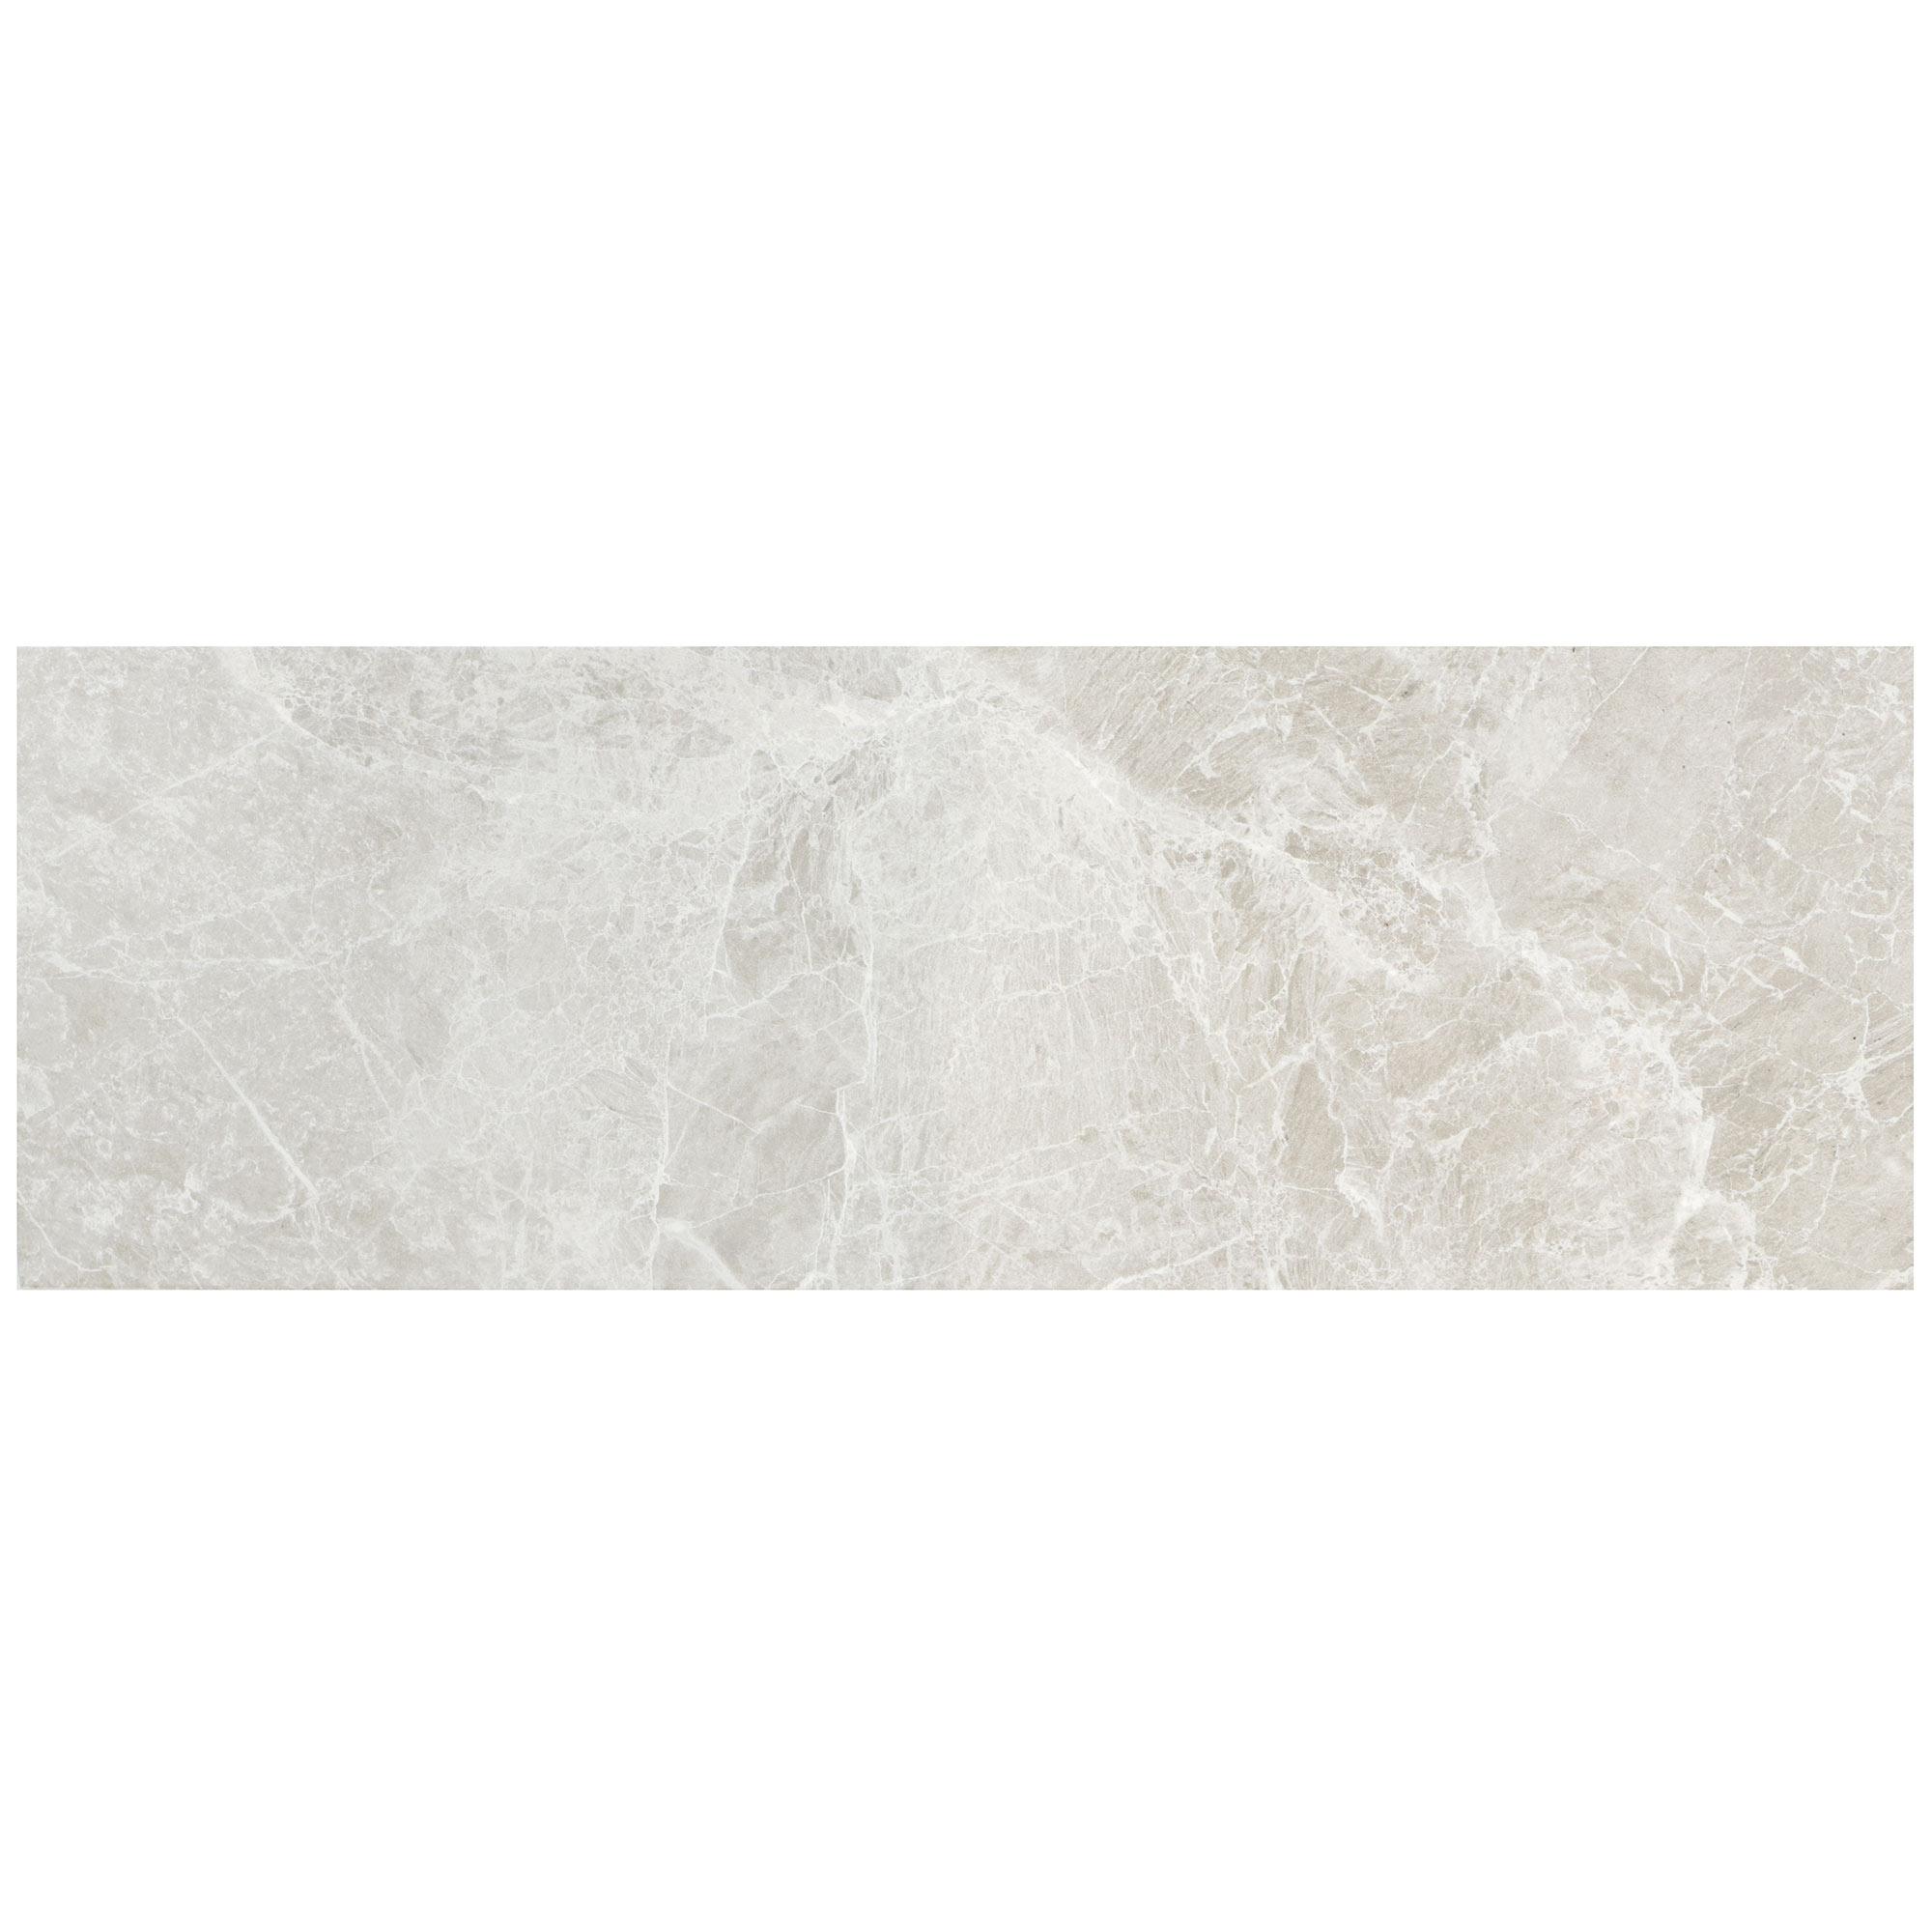 Фото - Плитка настенная Undefasa Trentino Gris 25х75 см керамическая плитка laparet crema бежевый настенная 25х75 см